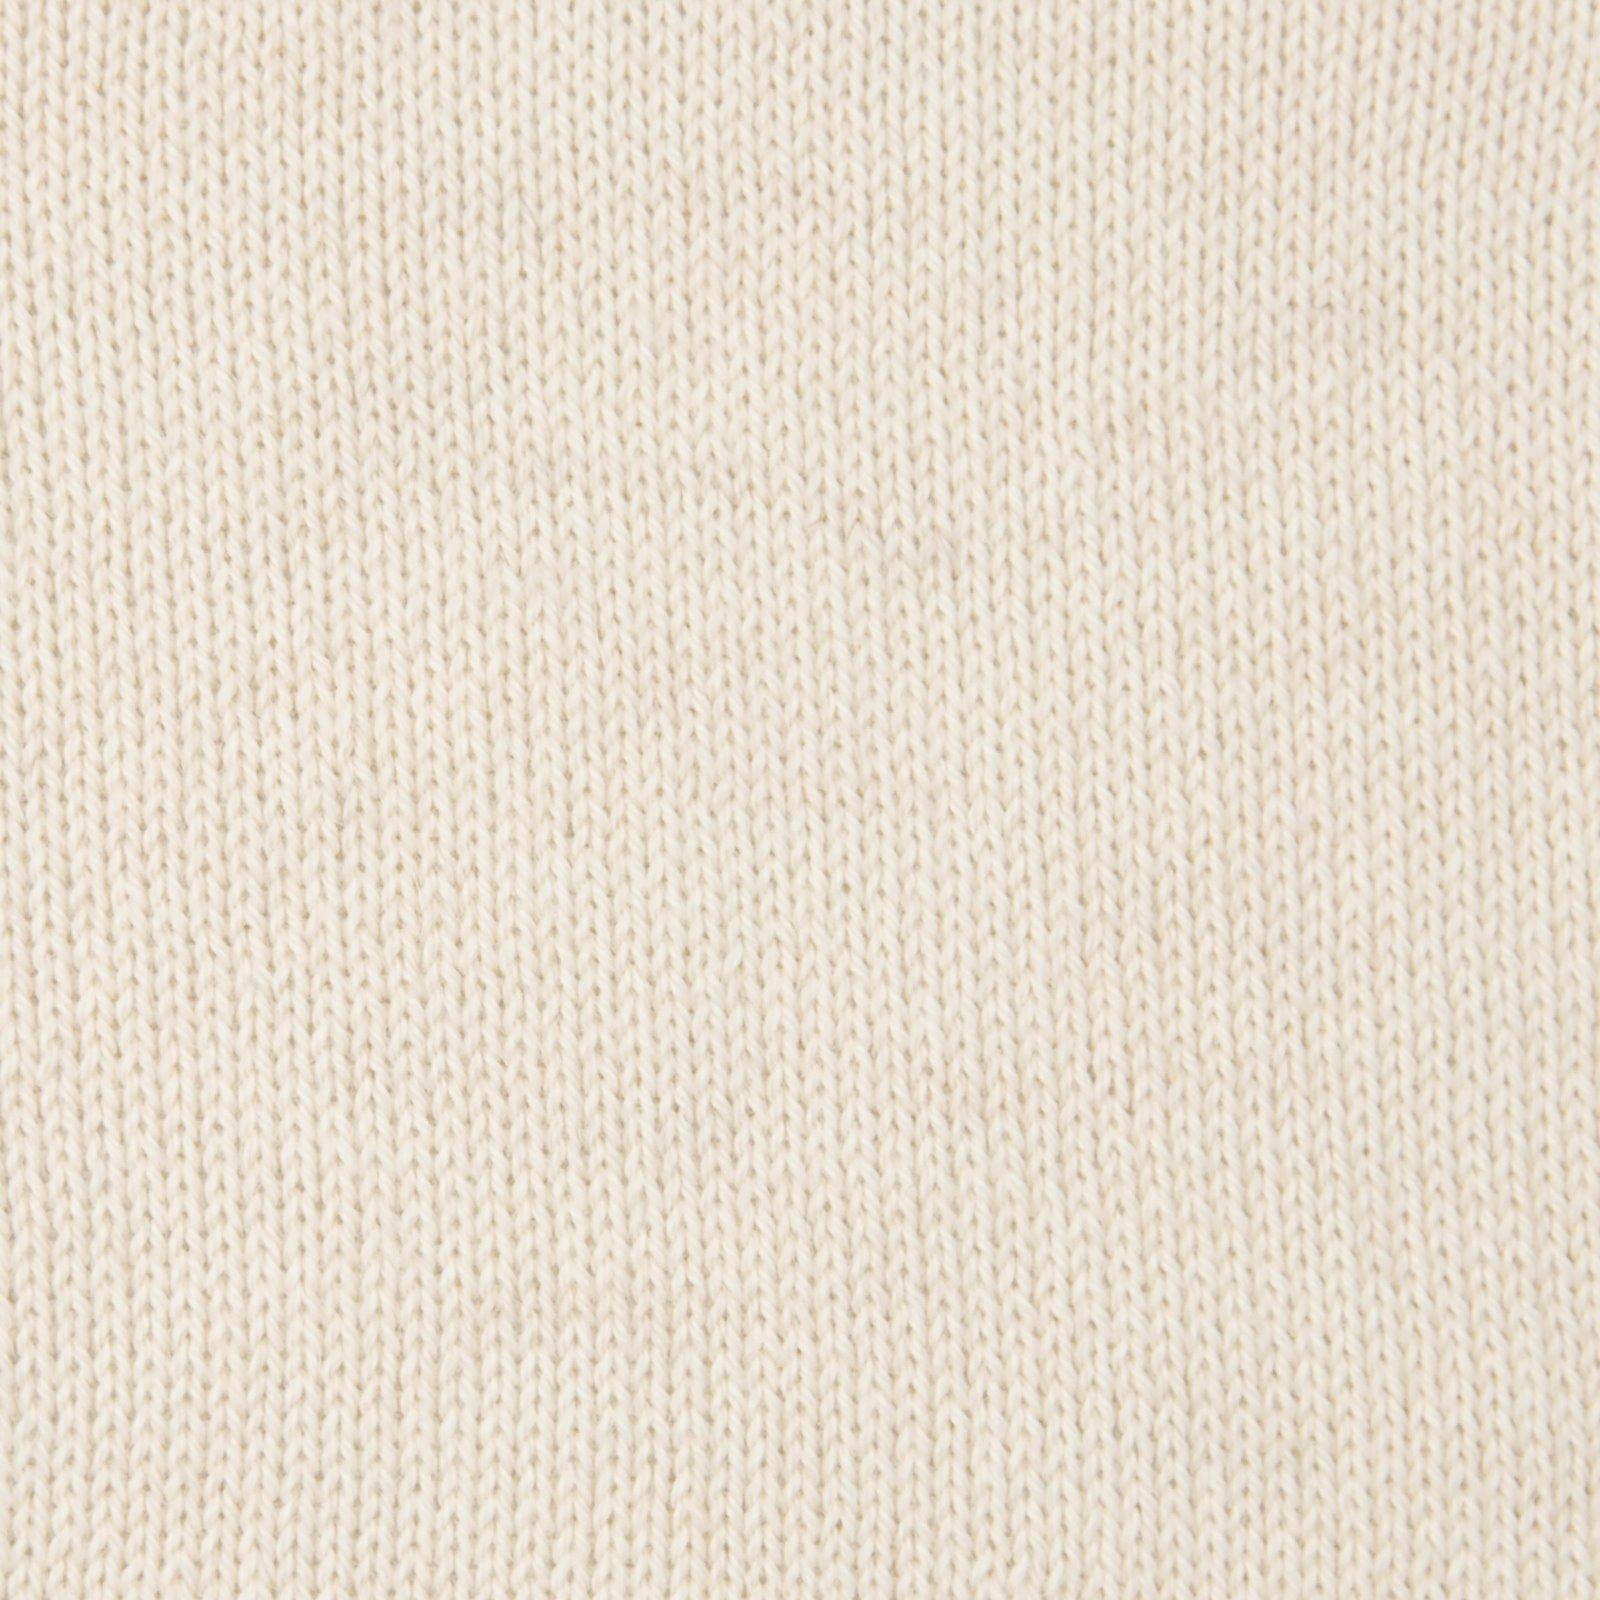 Woolly 50g dusty blue melange 90000077_90000072_90000062_90000064_90000066_90000068_sskit